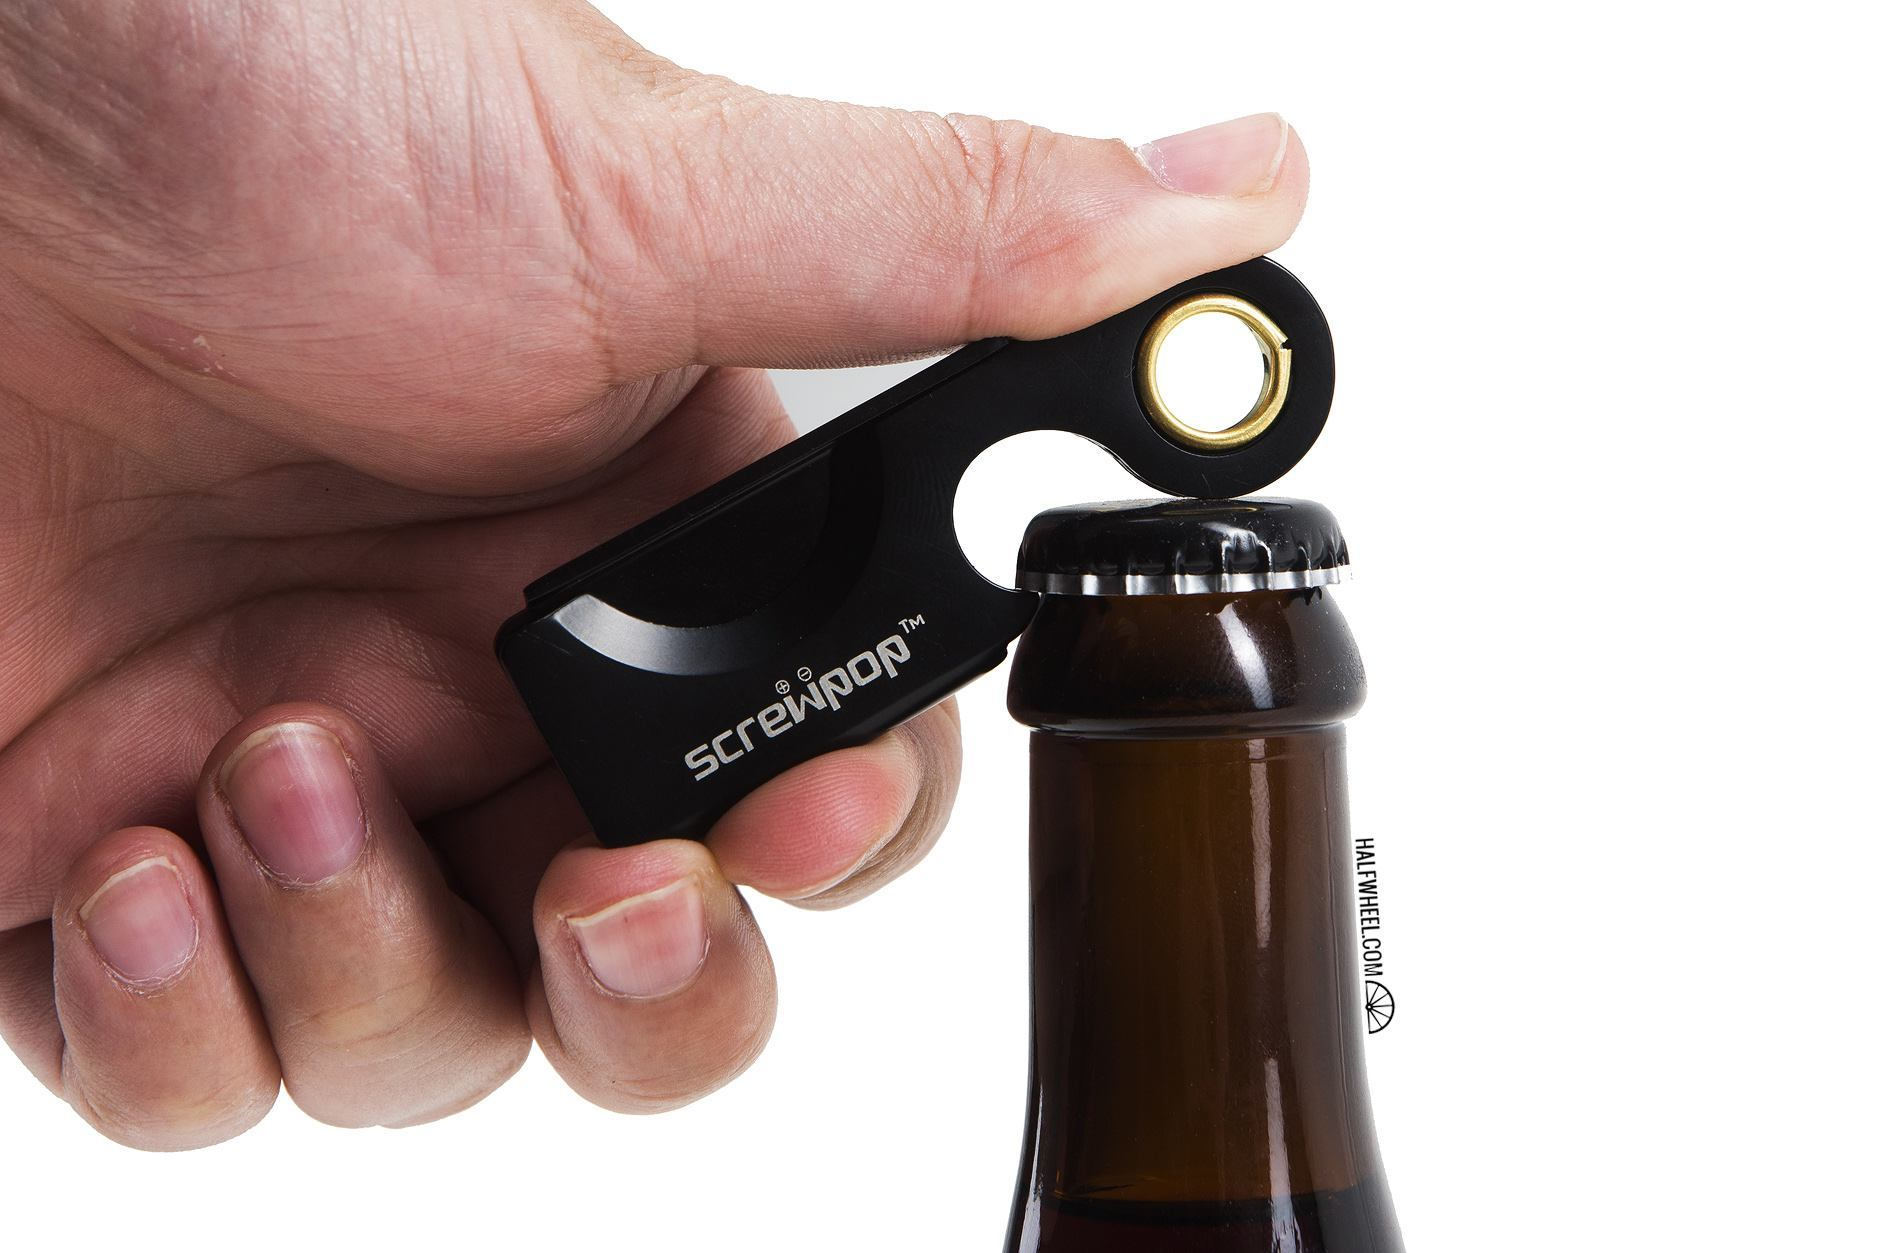 Screwpop Cigar Cutter Beer